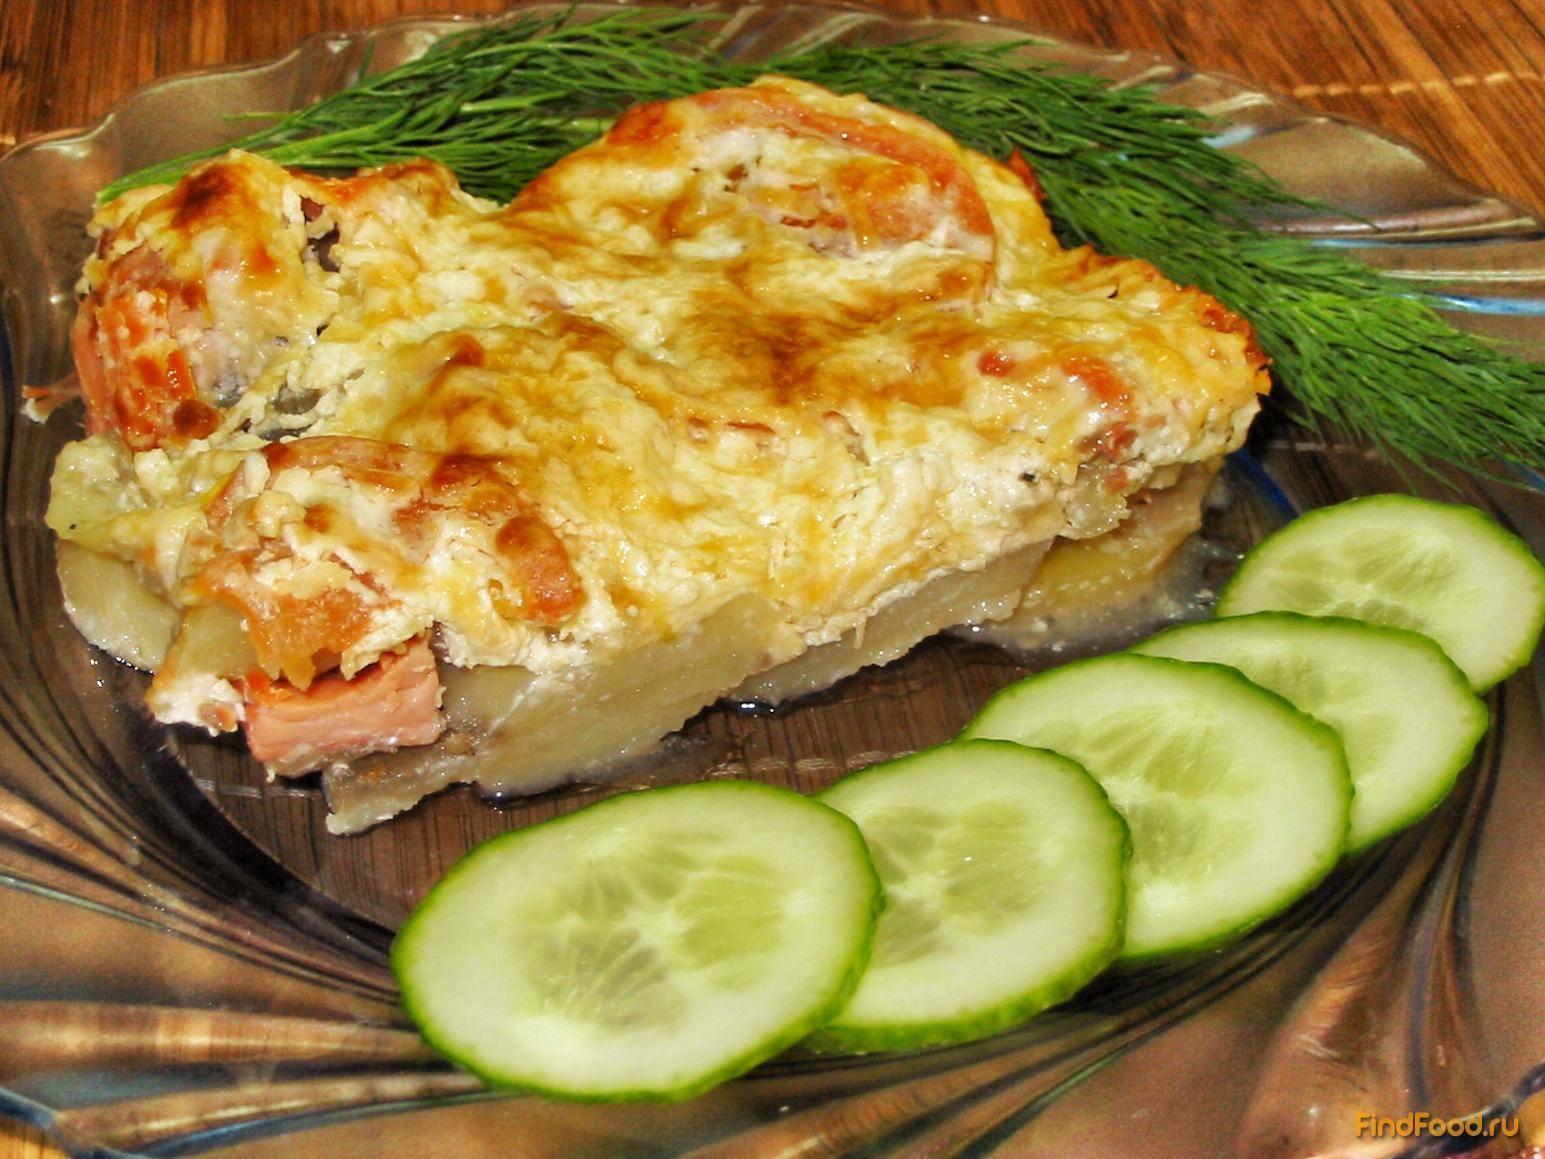 Рыба с картошкой в духовке - 5 пошаговых рецептов с фото и видео